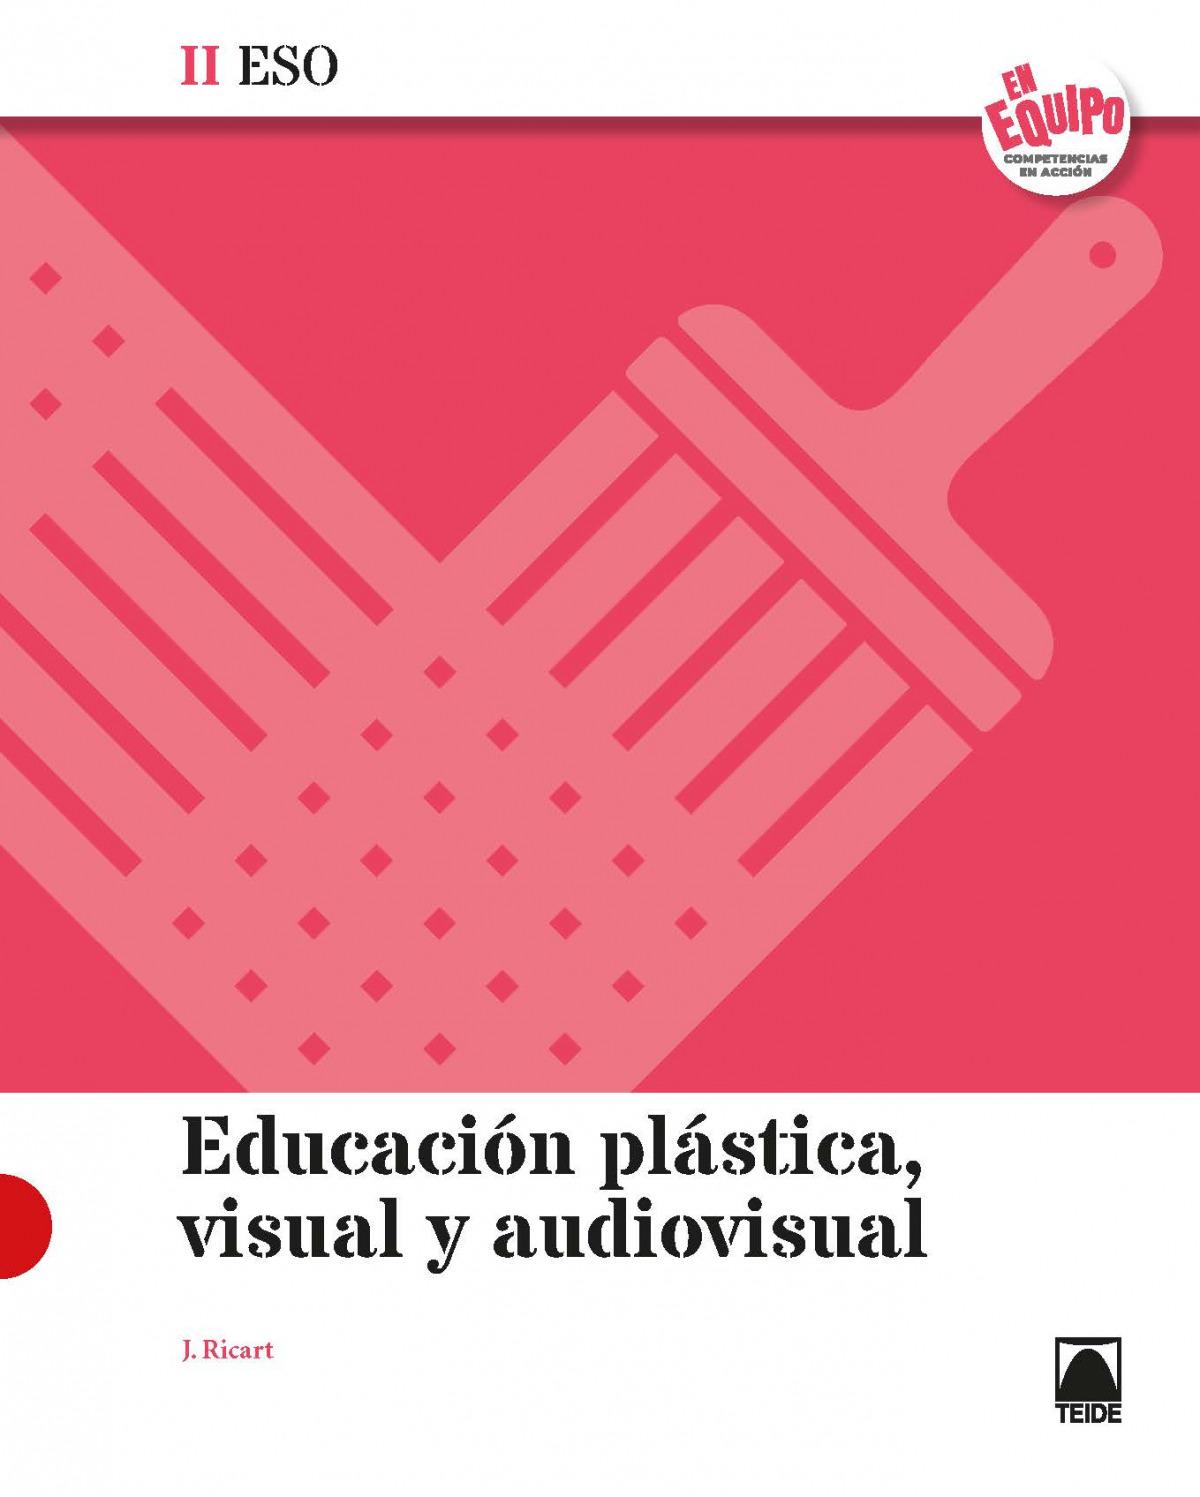 Educación Plástica, Visual y Audiovisual II ESO - En Equipo